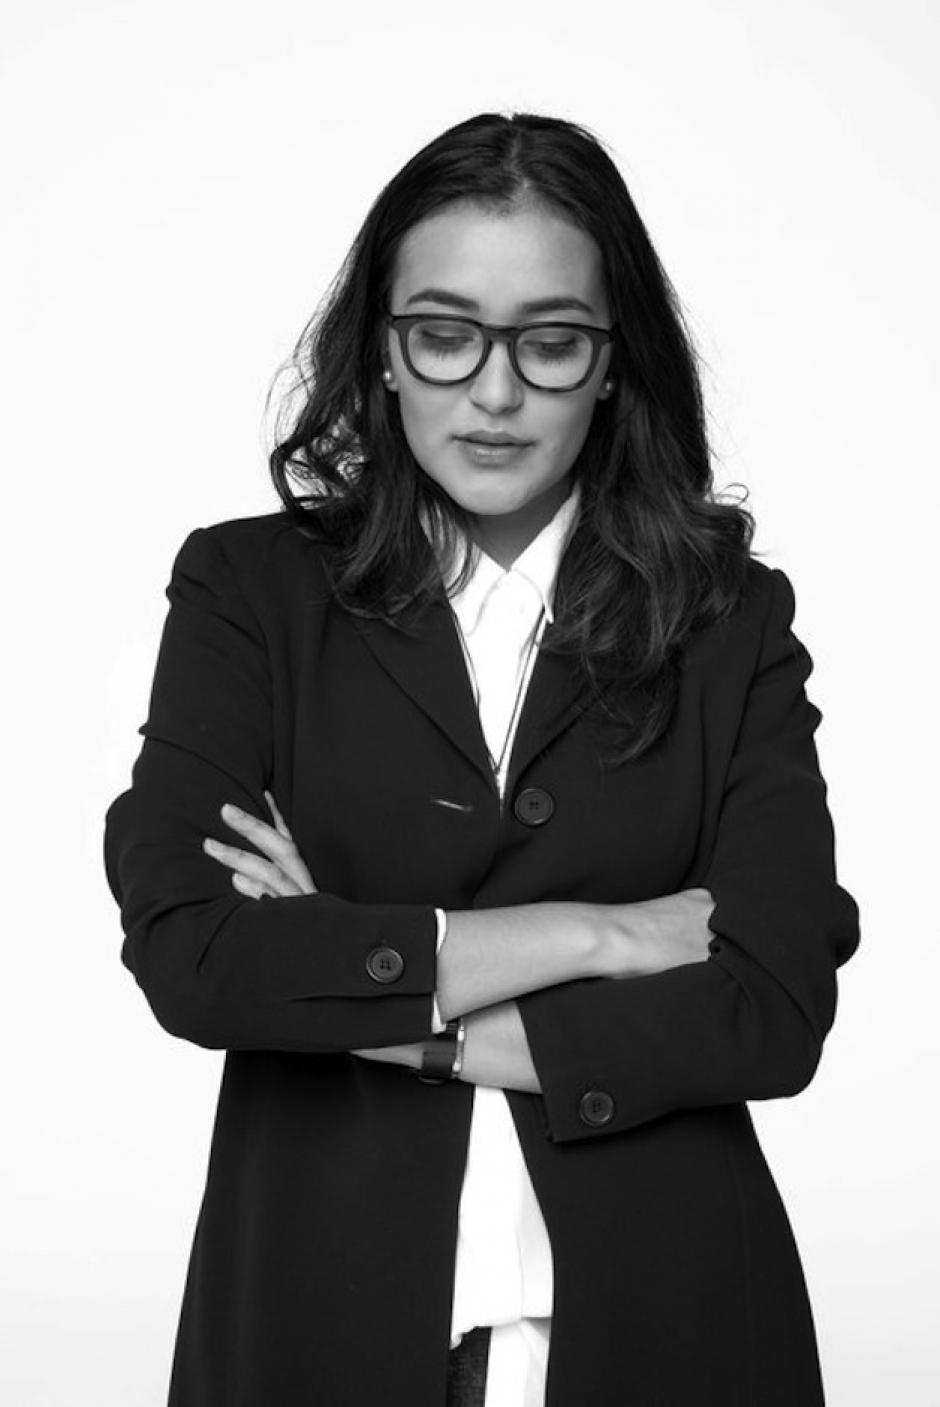 Sofía Contreras-Paredes de MEÜS diseña las siluetas. Foto: Manny Rionda)